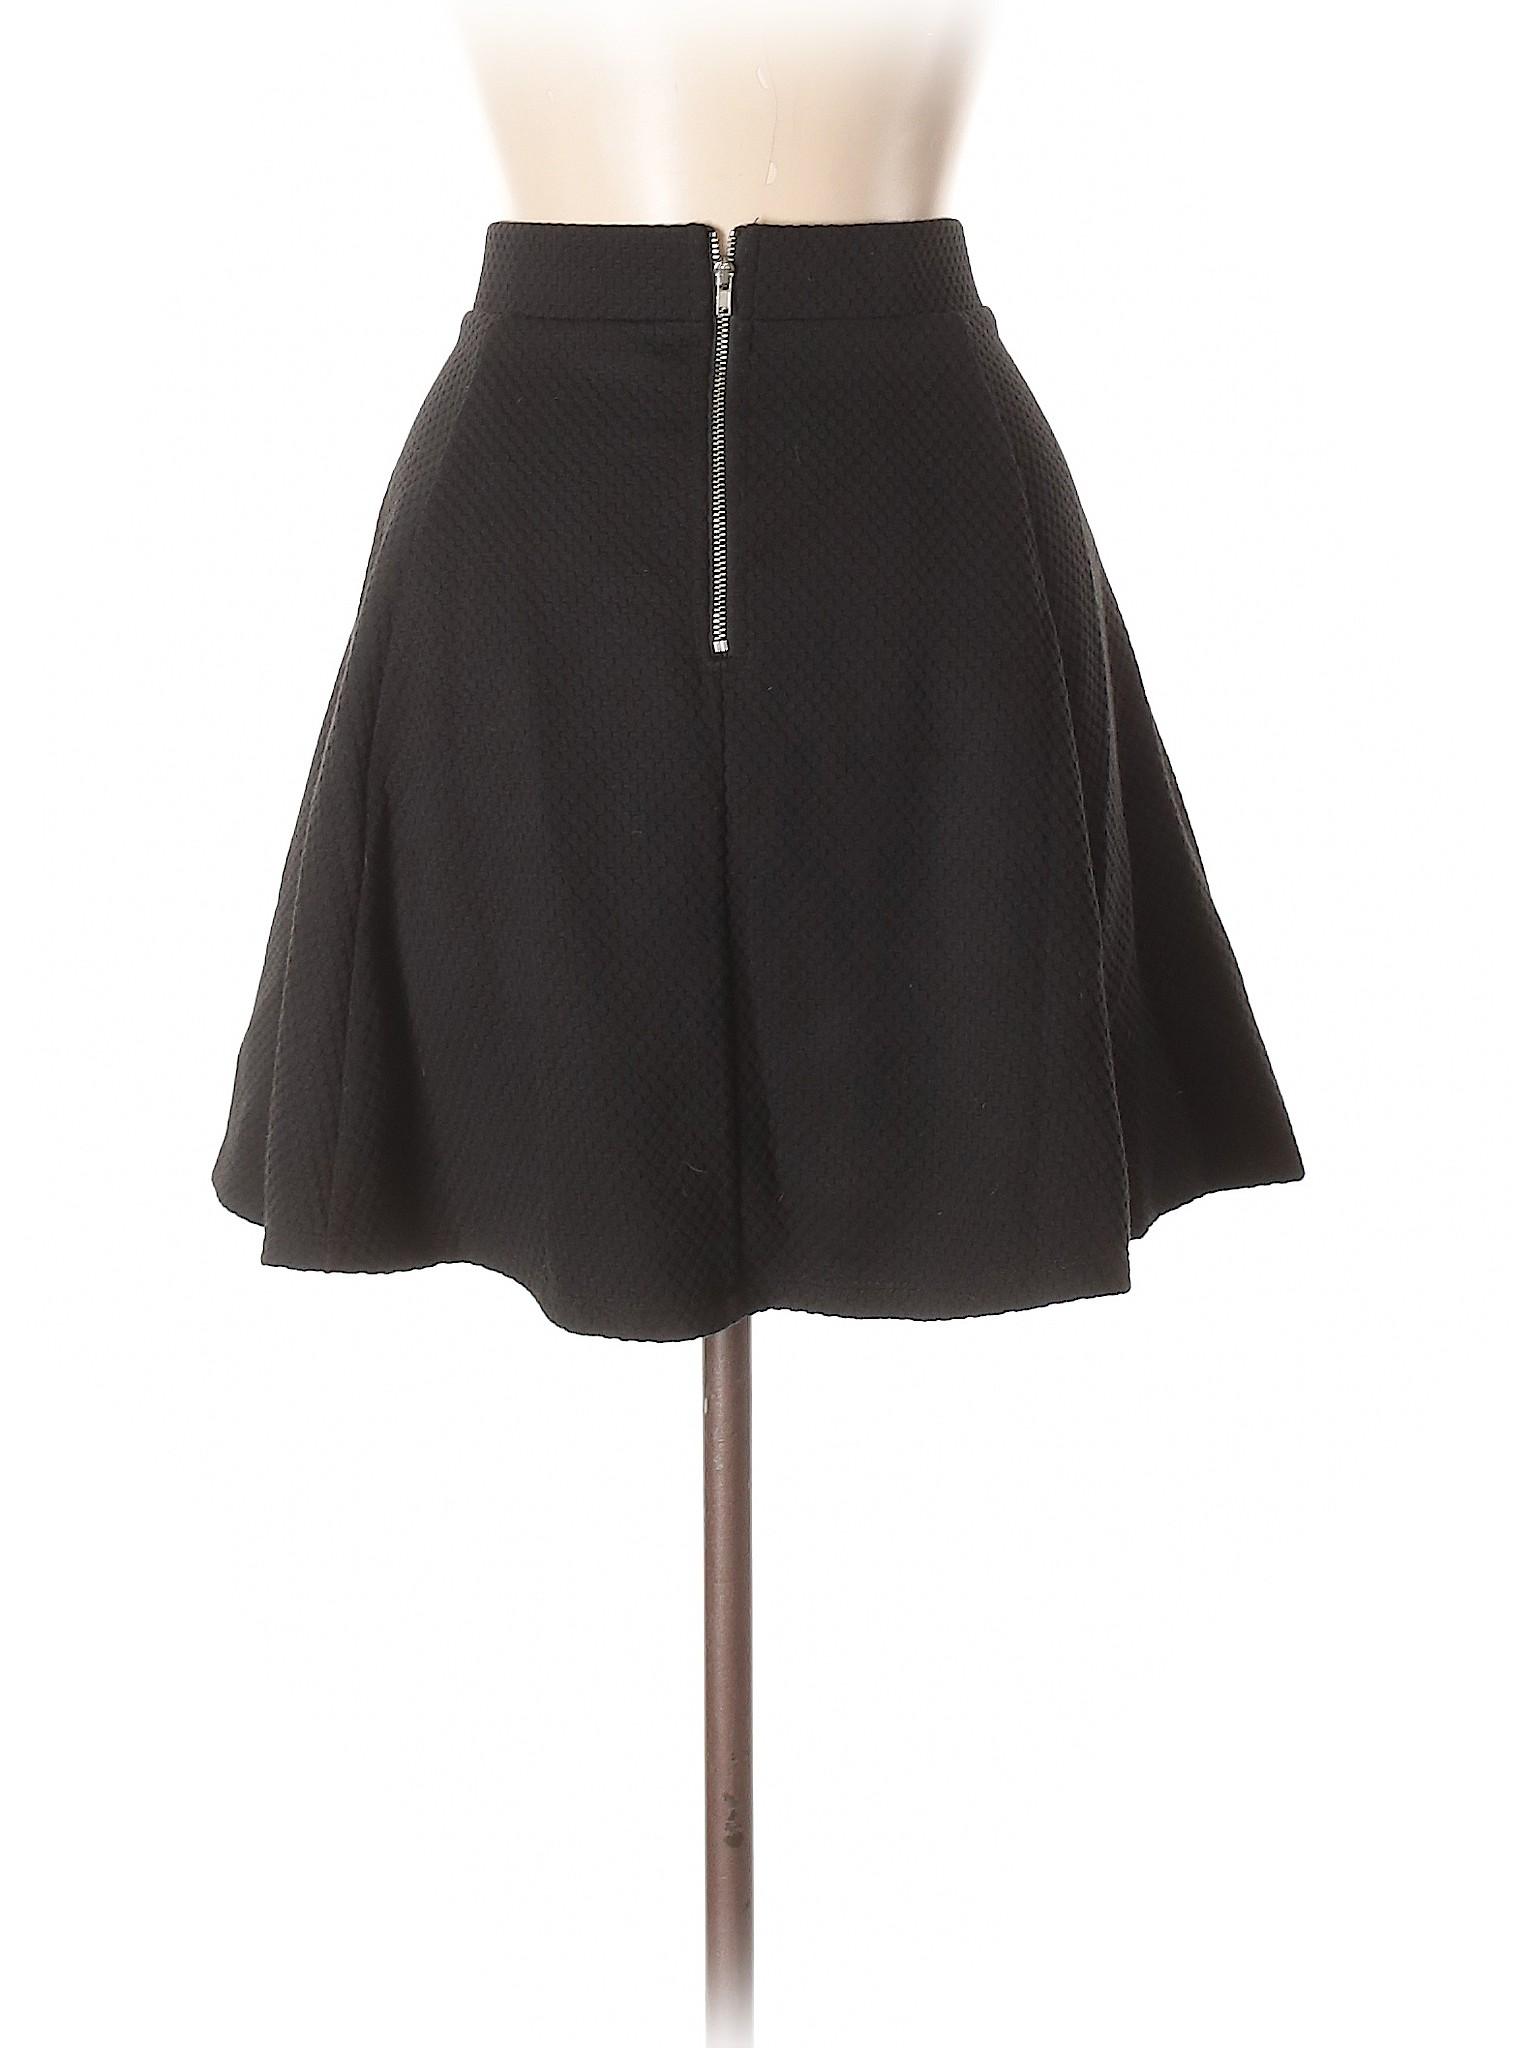 Skirt Boutique Boutique Casual Casual pw7tqPx8